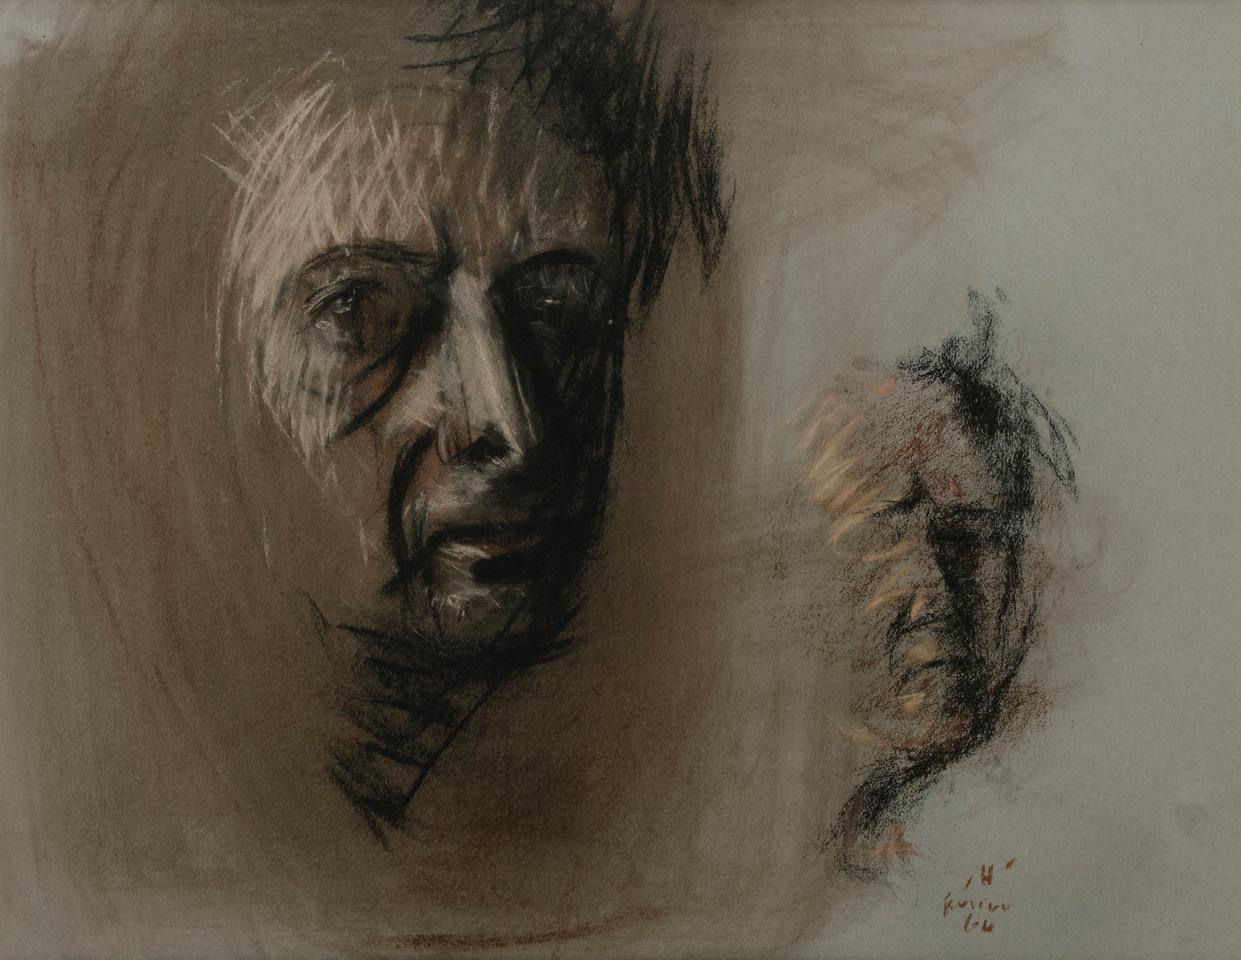 Dans le miroir, Autoportrait